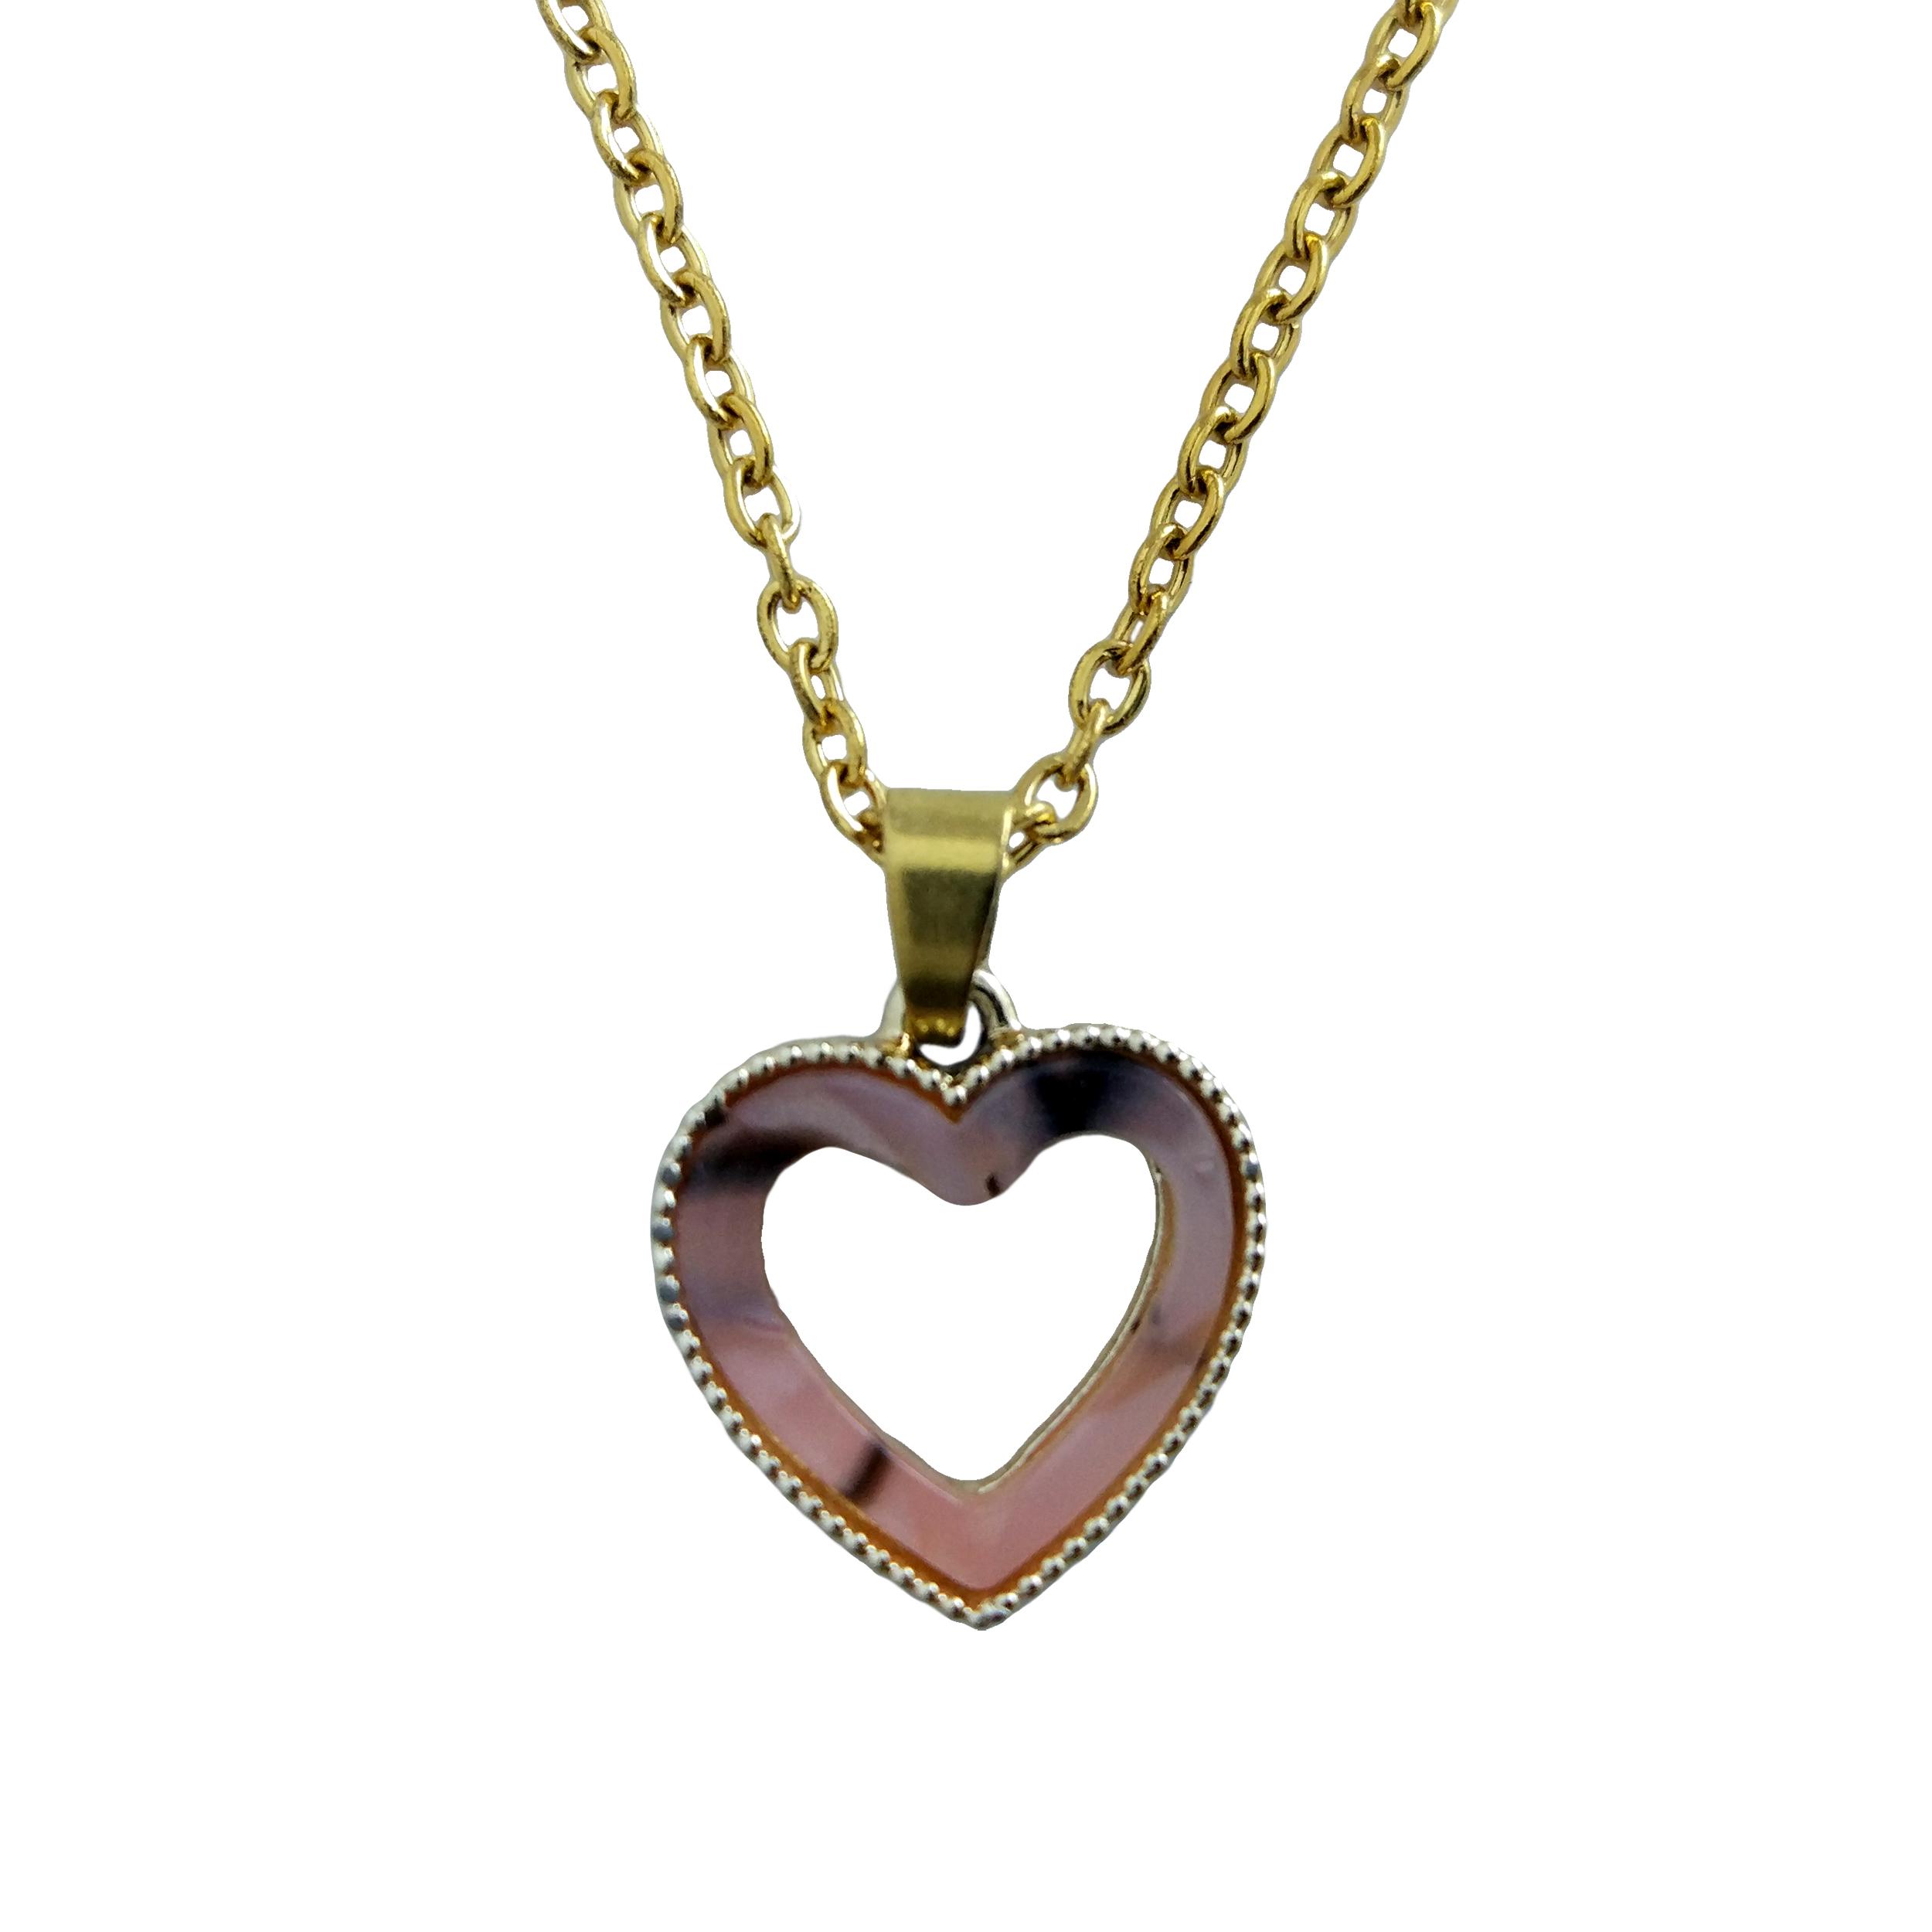 گردنبند دخترانه طرح قلب کد 045